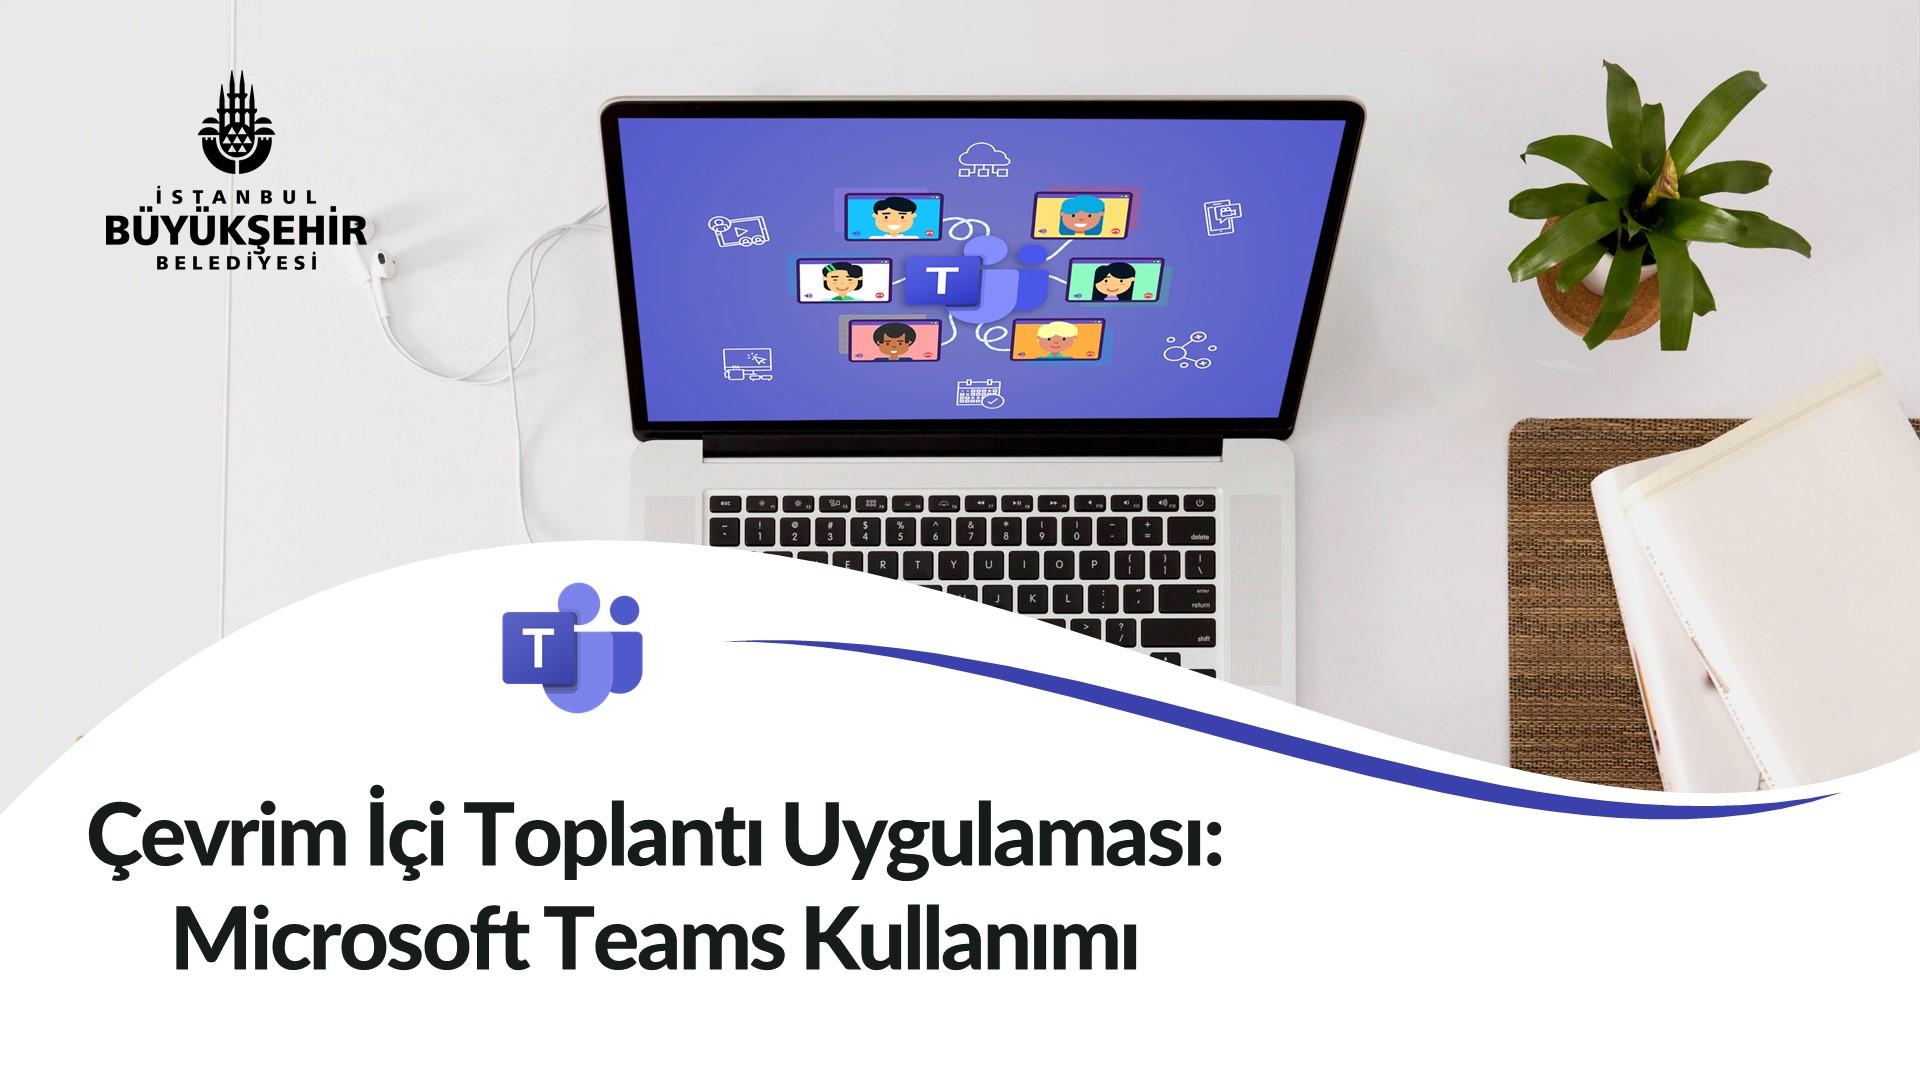 Çevrim İçi Toplantı Uygulaması: Microsoft Teams Kullanımı Kayıtları Başladı